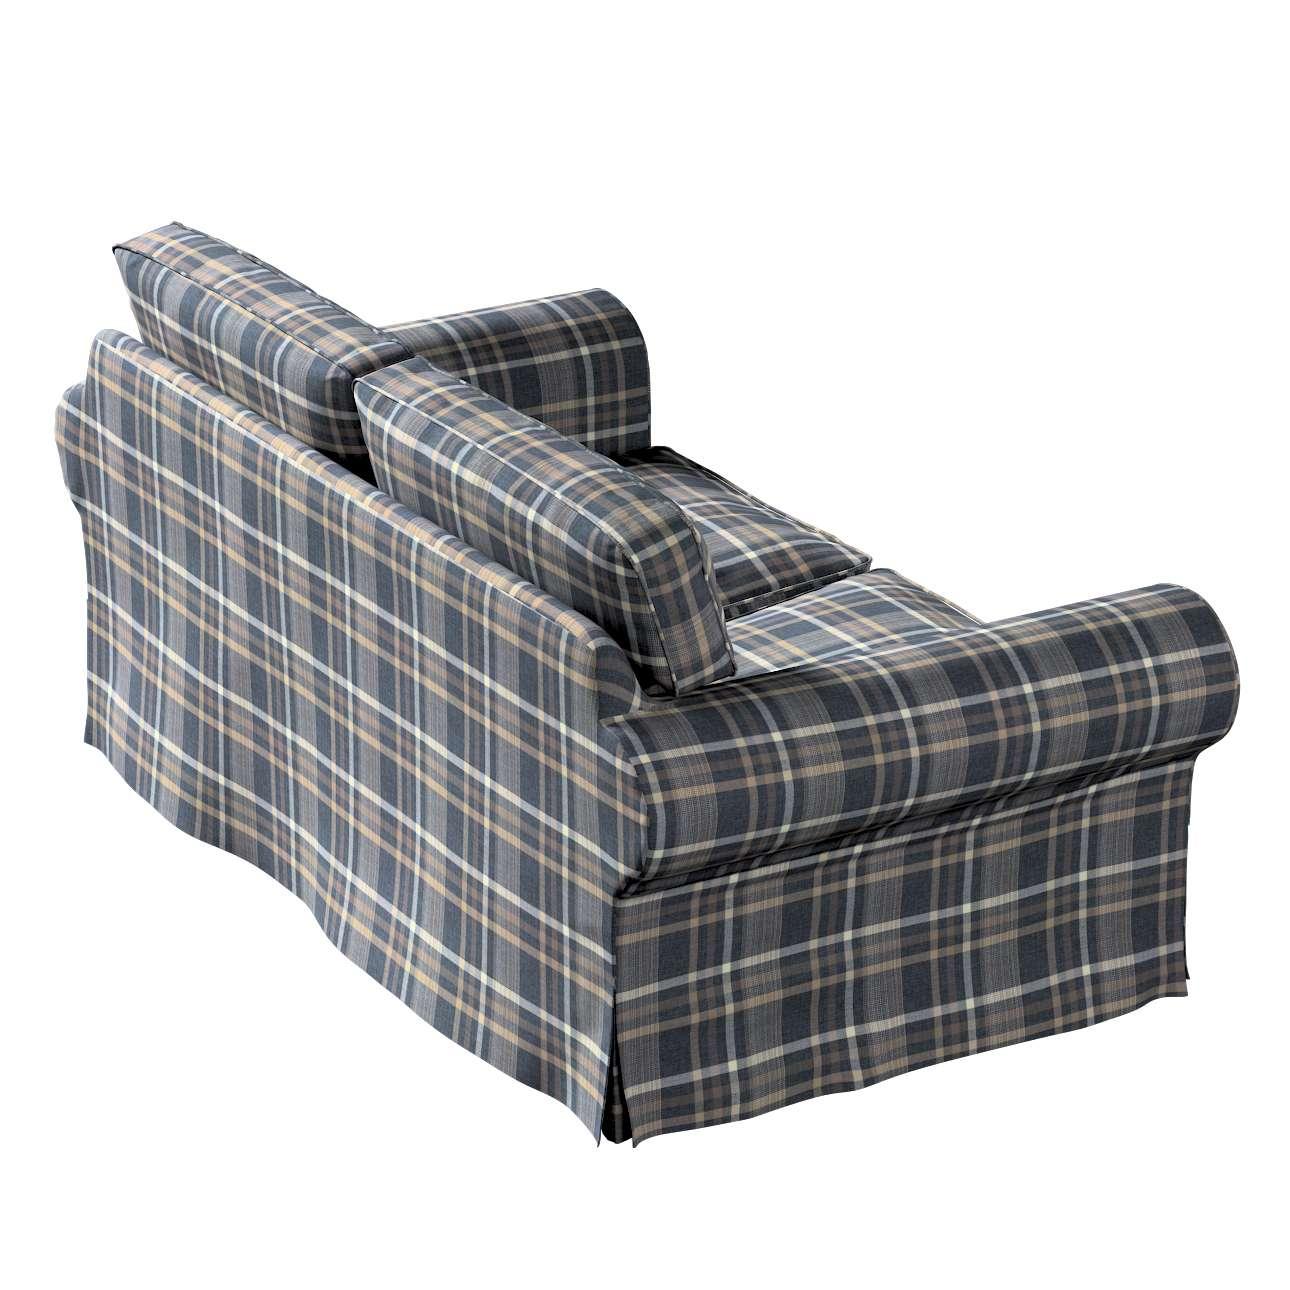 Pokrowiec na sofę Ektorp 2-osobową, nierozkładaną w kolekcji Edinburgh, tkanina: 703-16